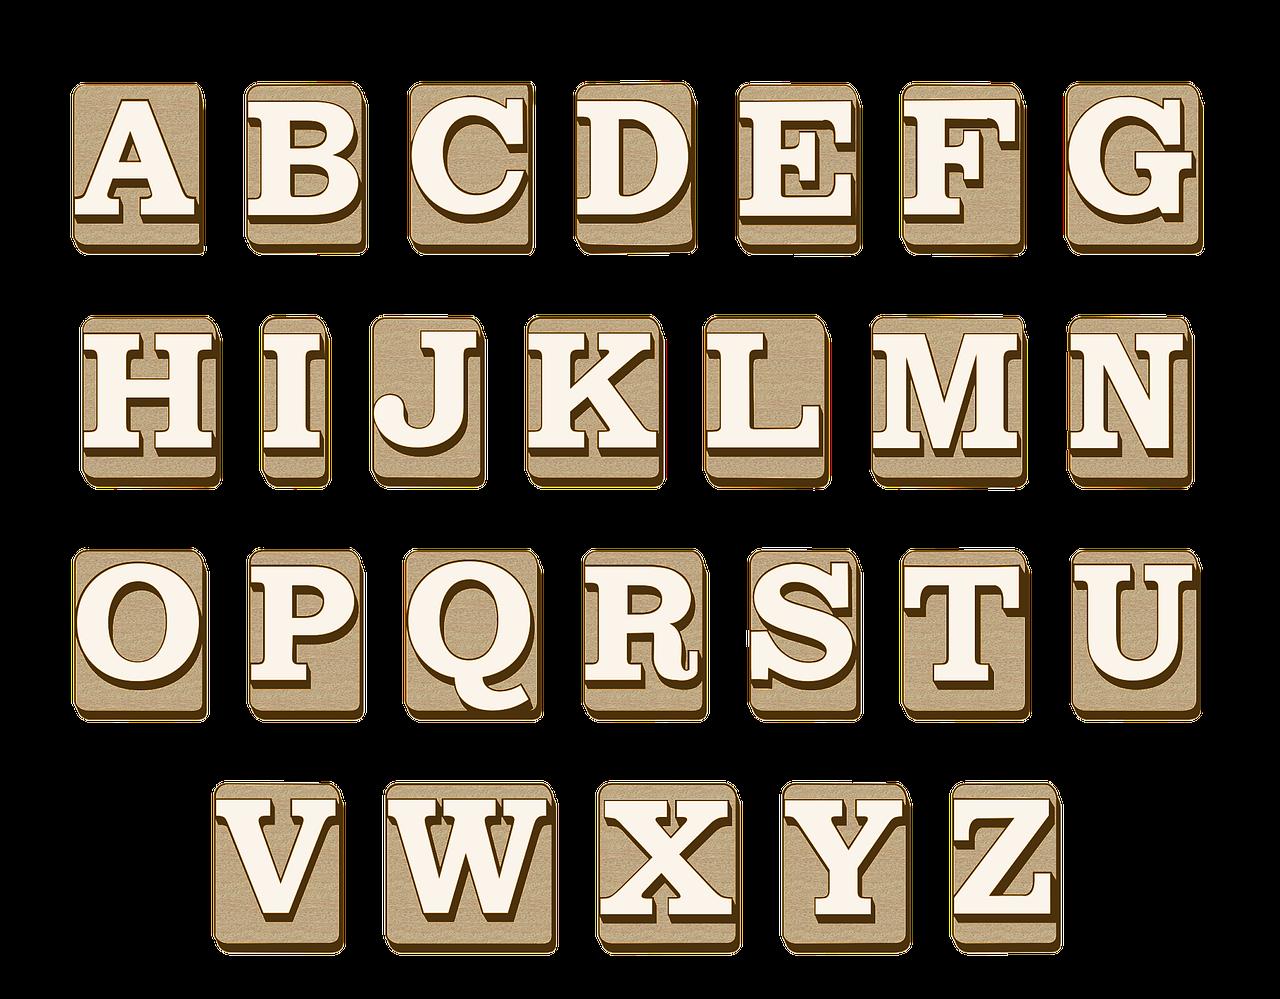 Alphabet keys photo